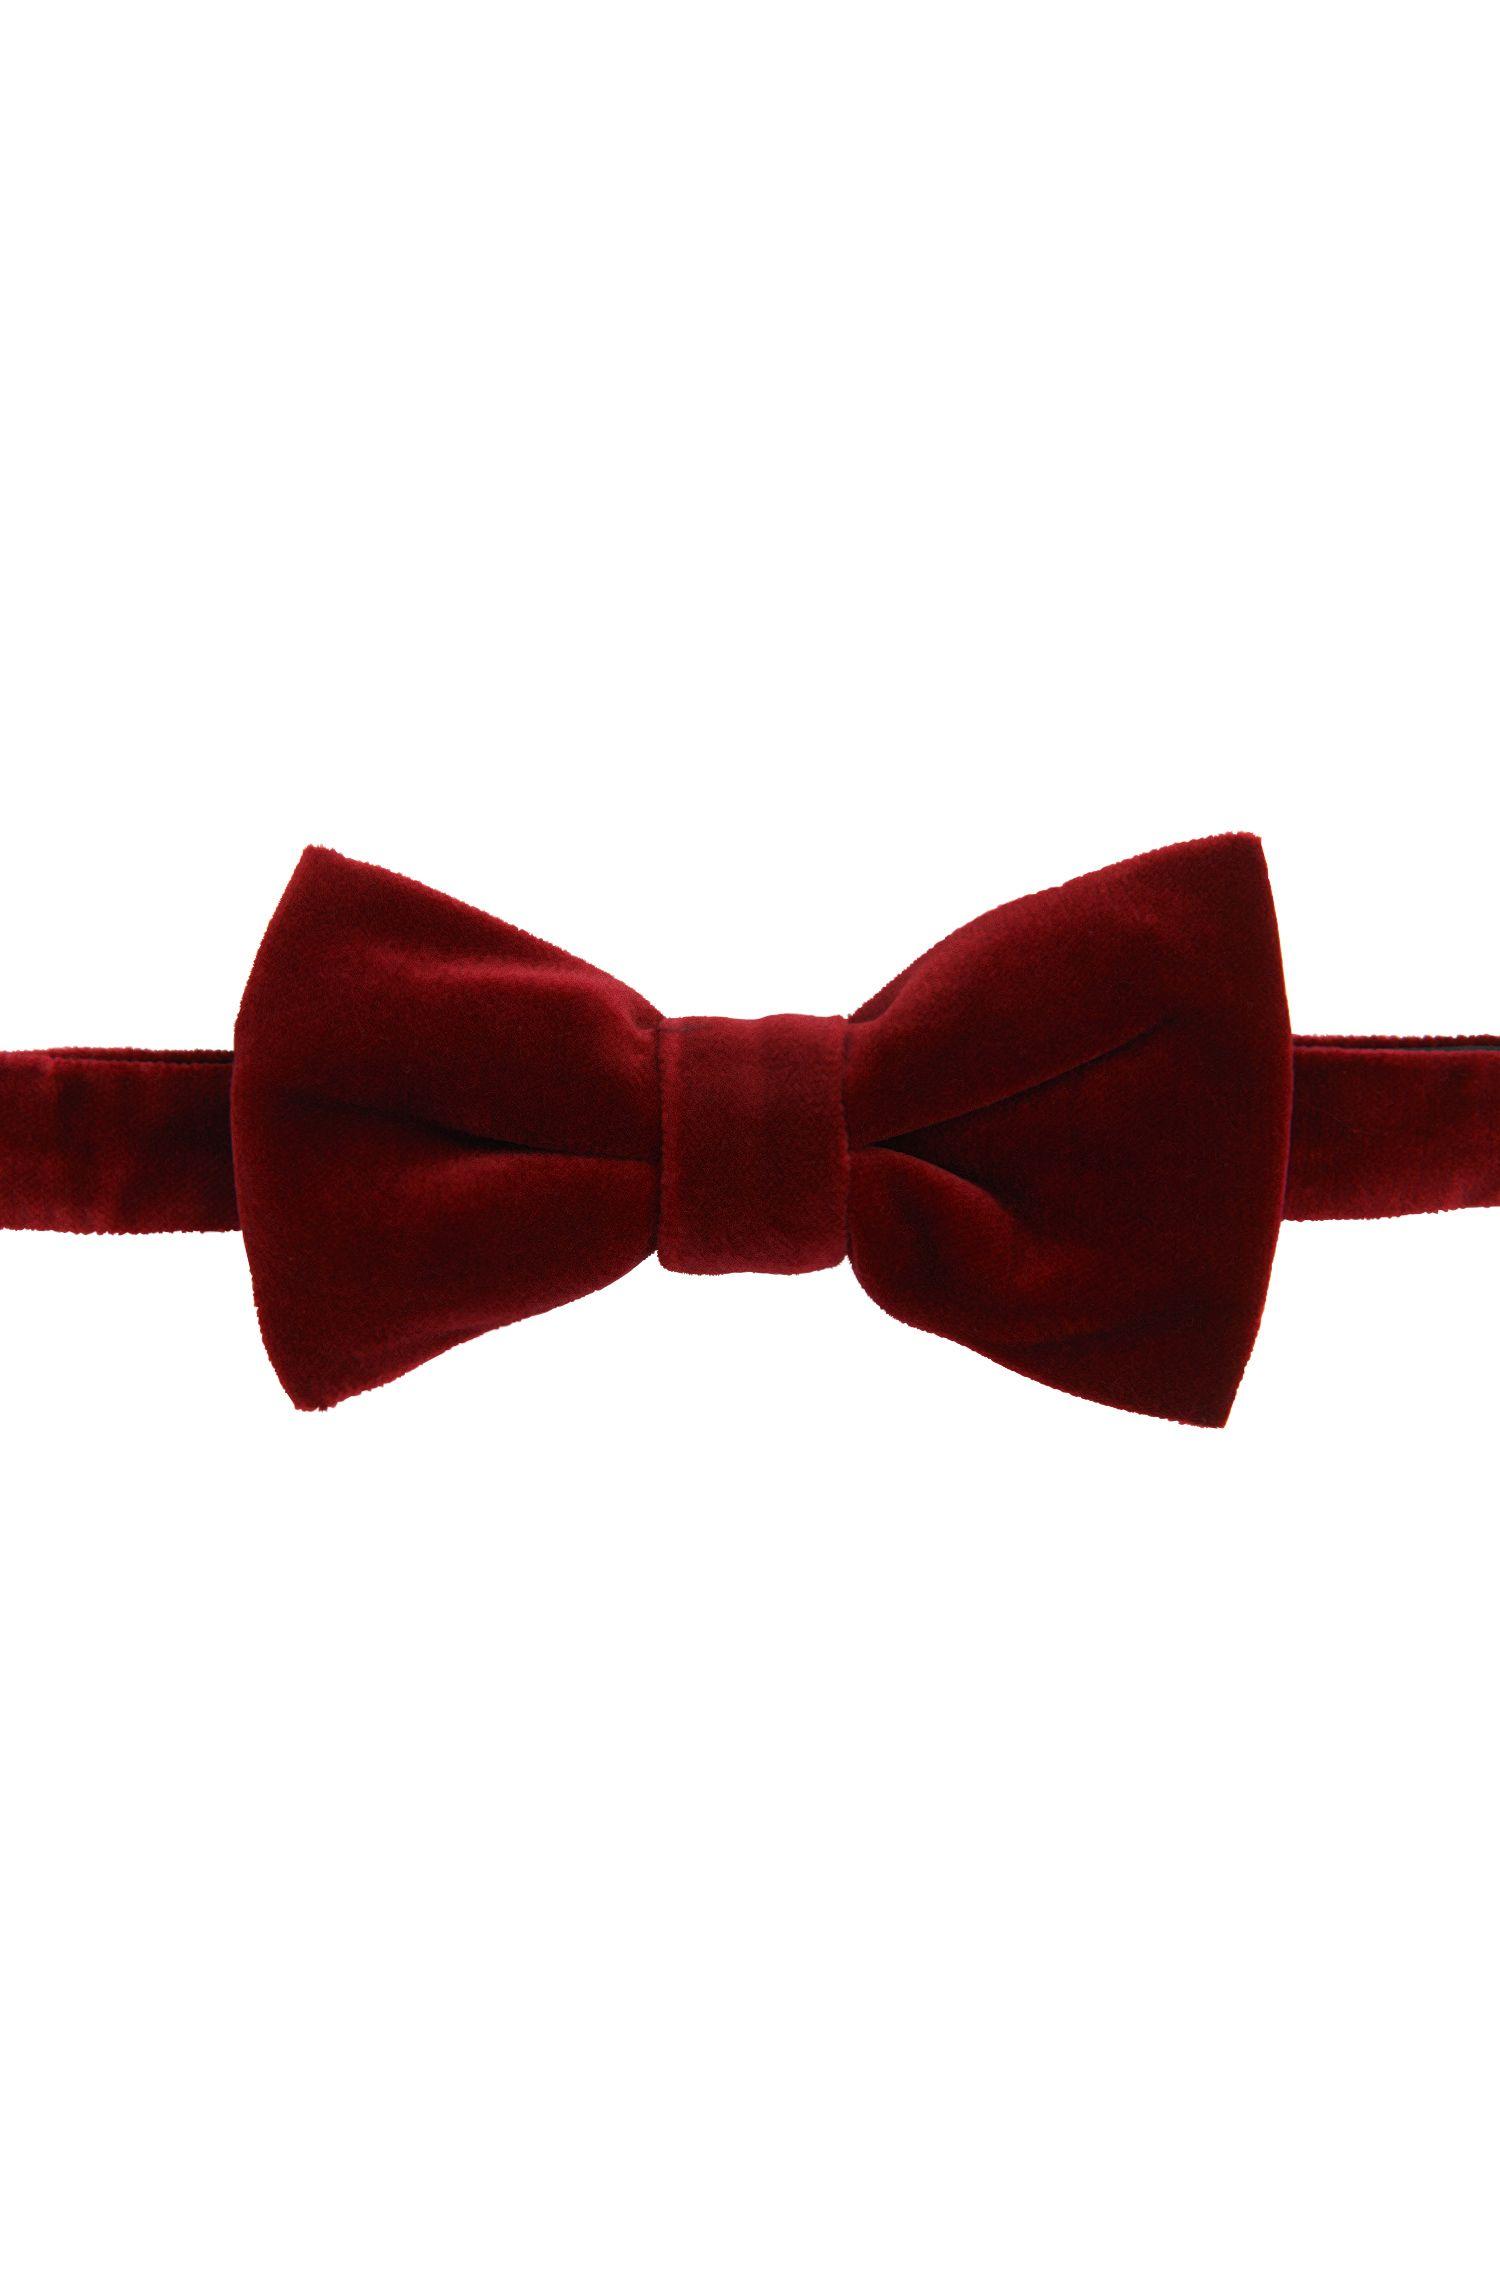 'Bow Tie Big Velvet' | Italian Stretch Cotton Velvet Bow Tie